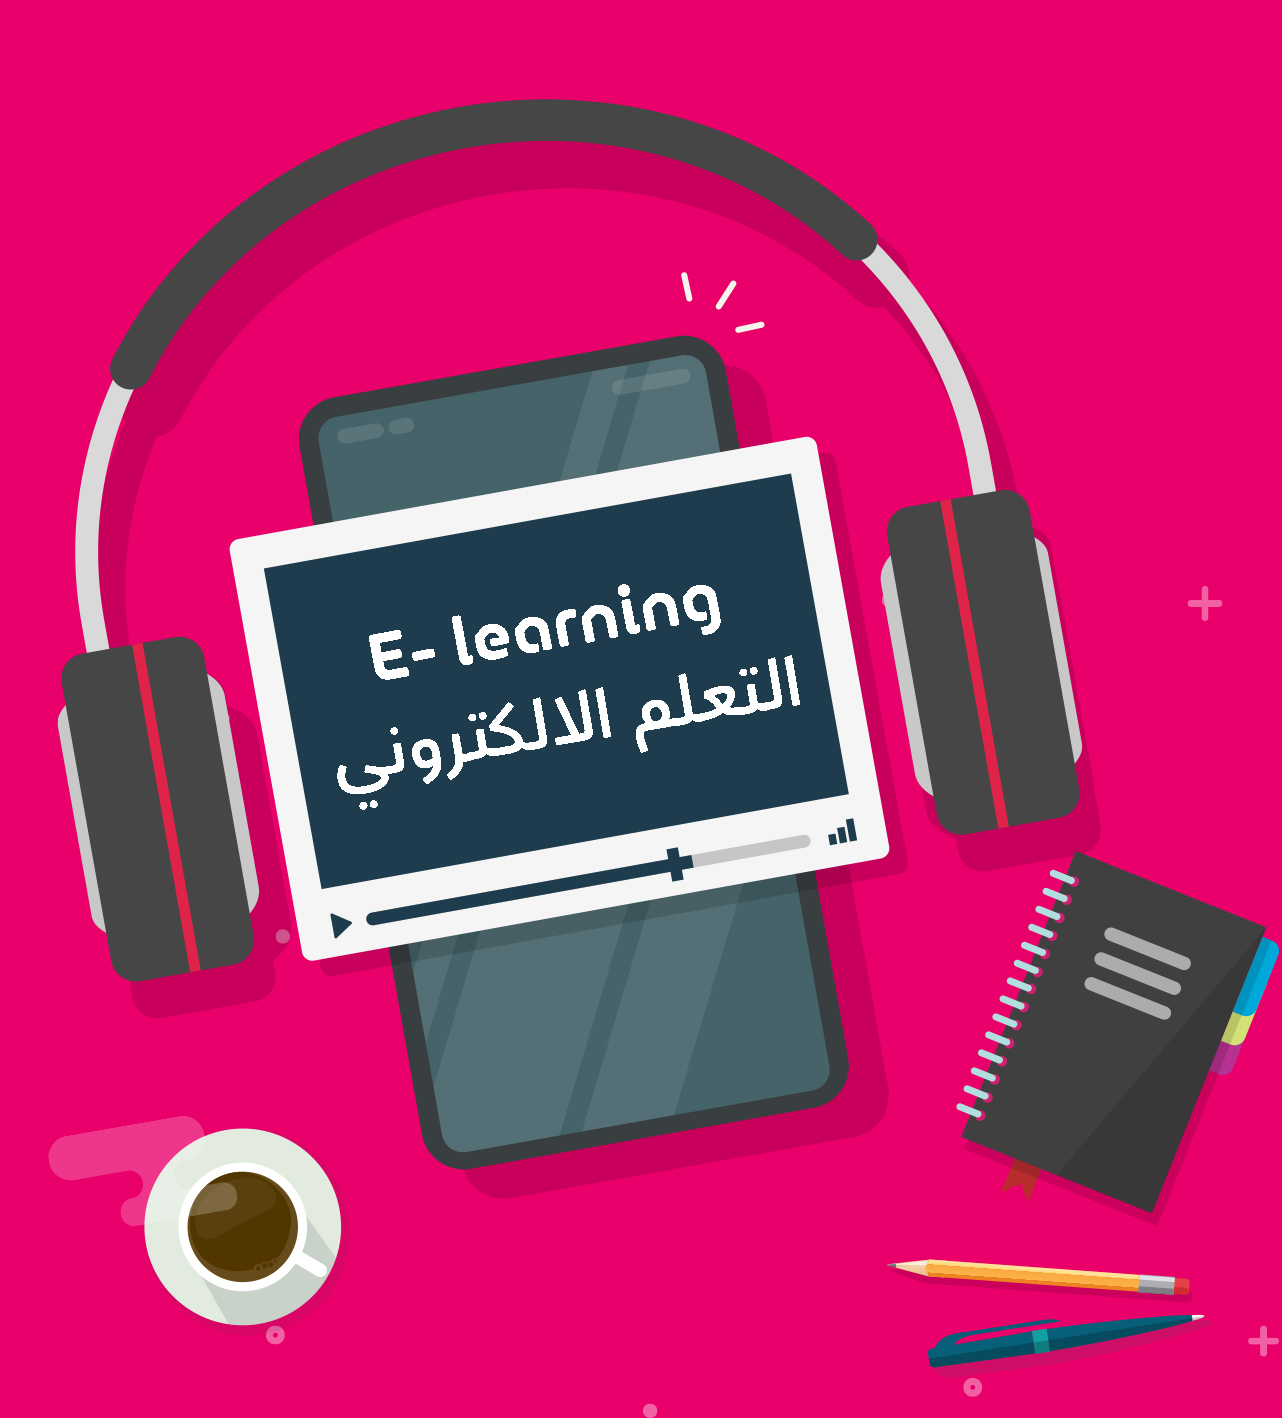 عمانتل توفر فرص للتعلم الإلكتروني لموظفيها